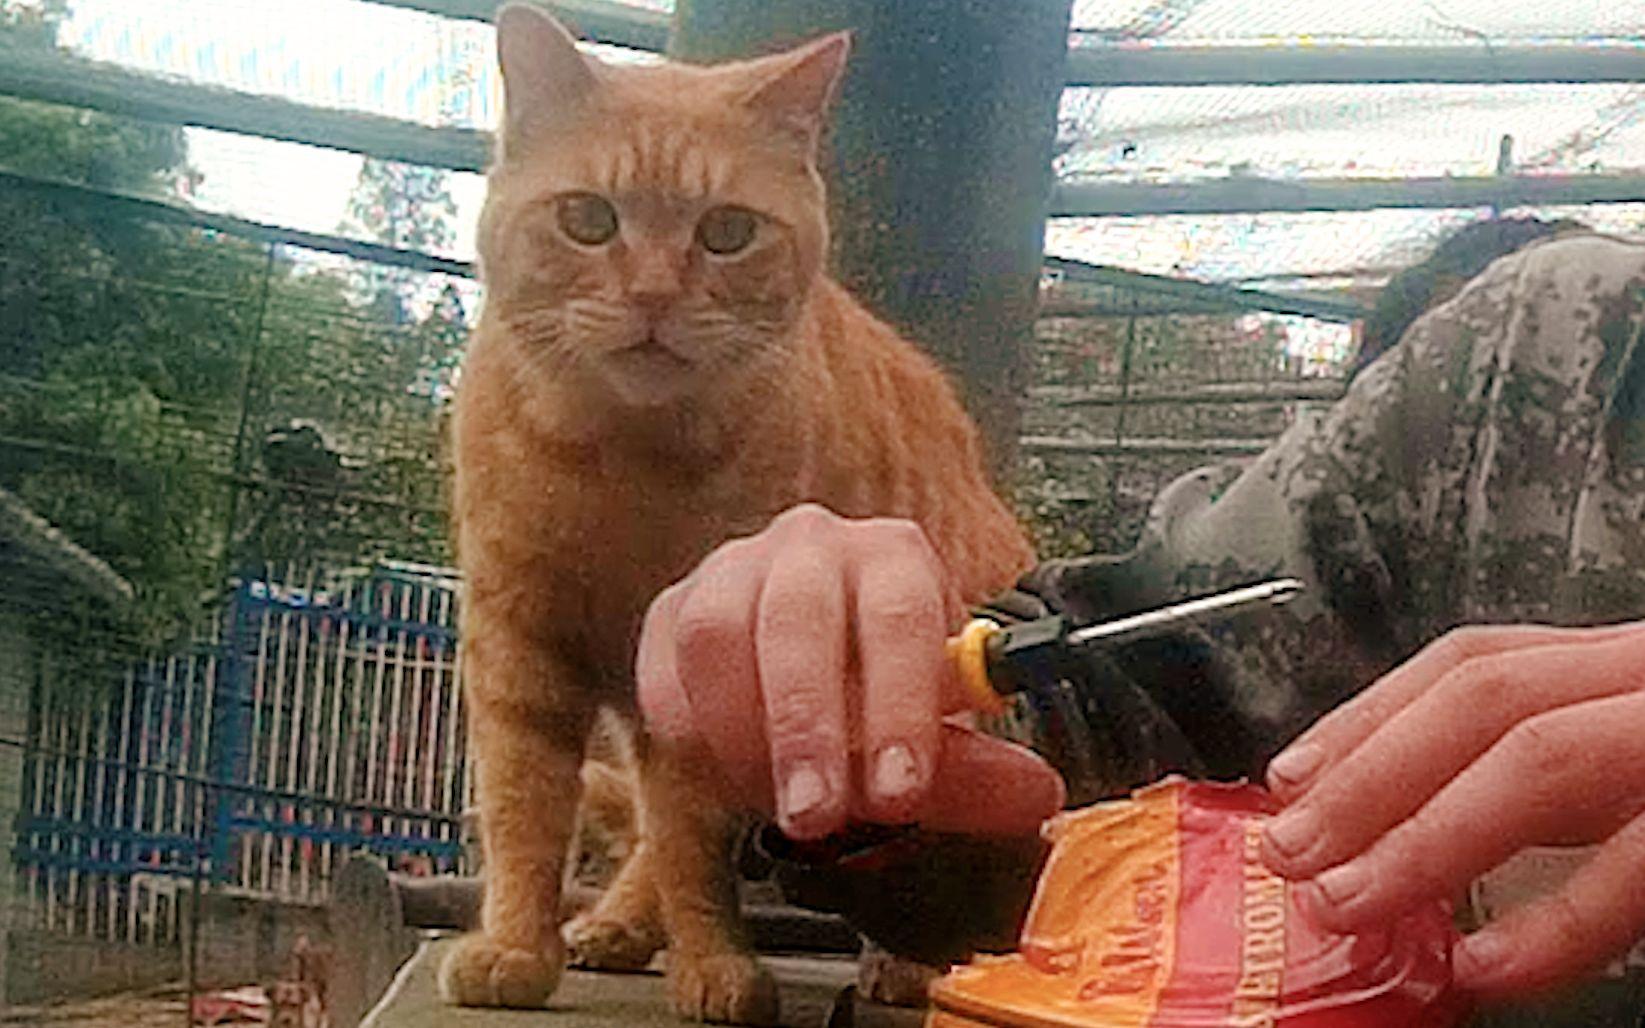 在200只猫面前开鲱鱼罐头, 猫: 你别过来, 我害怕!